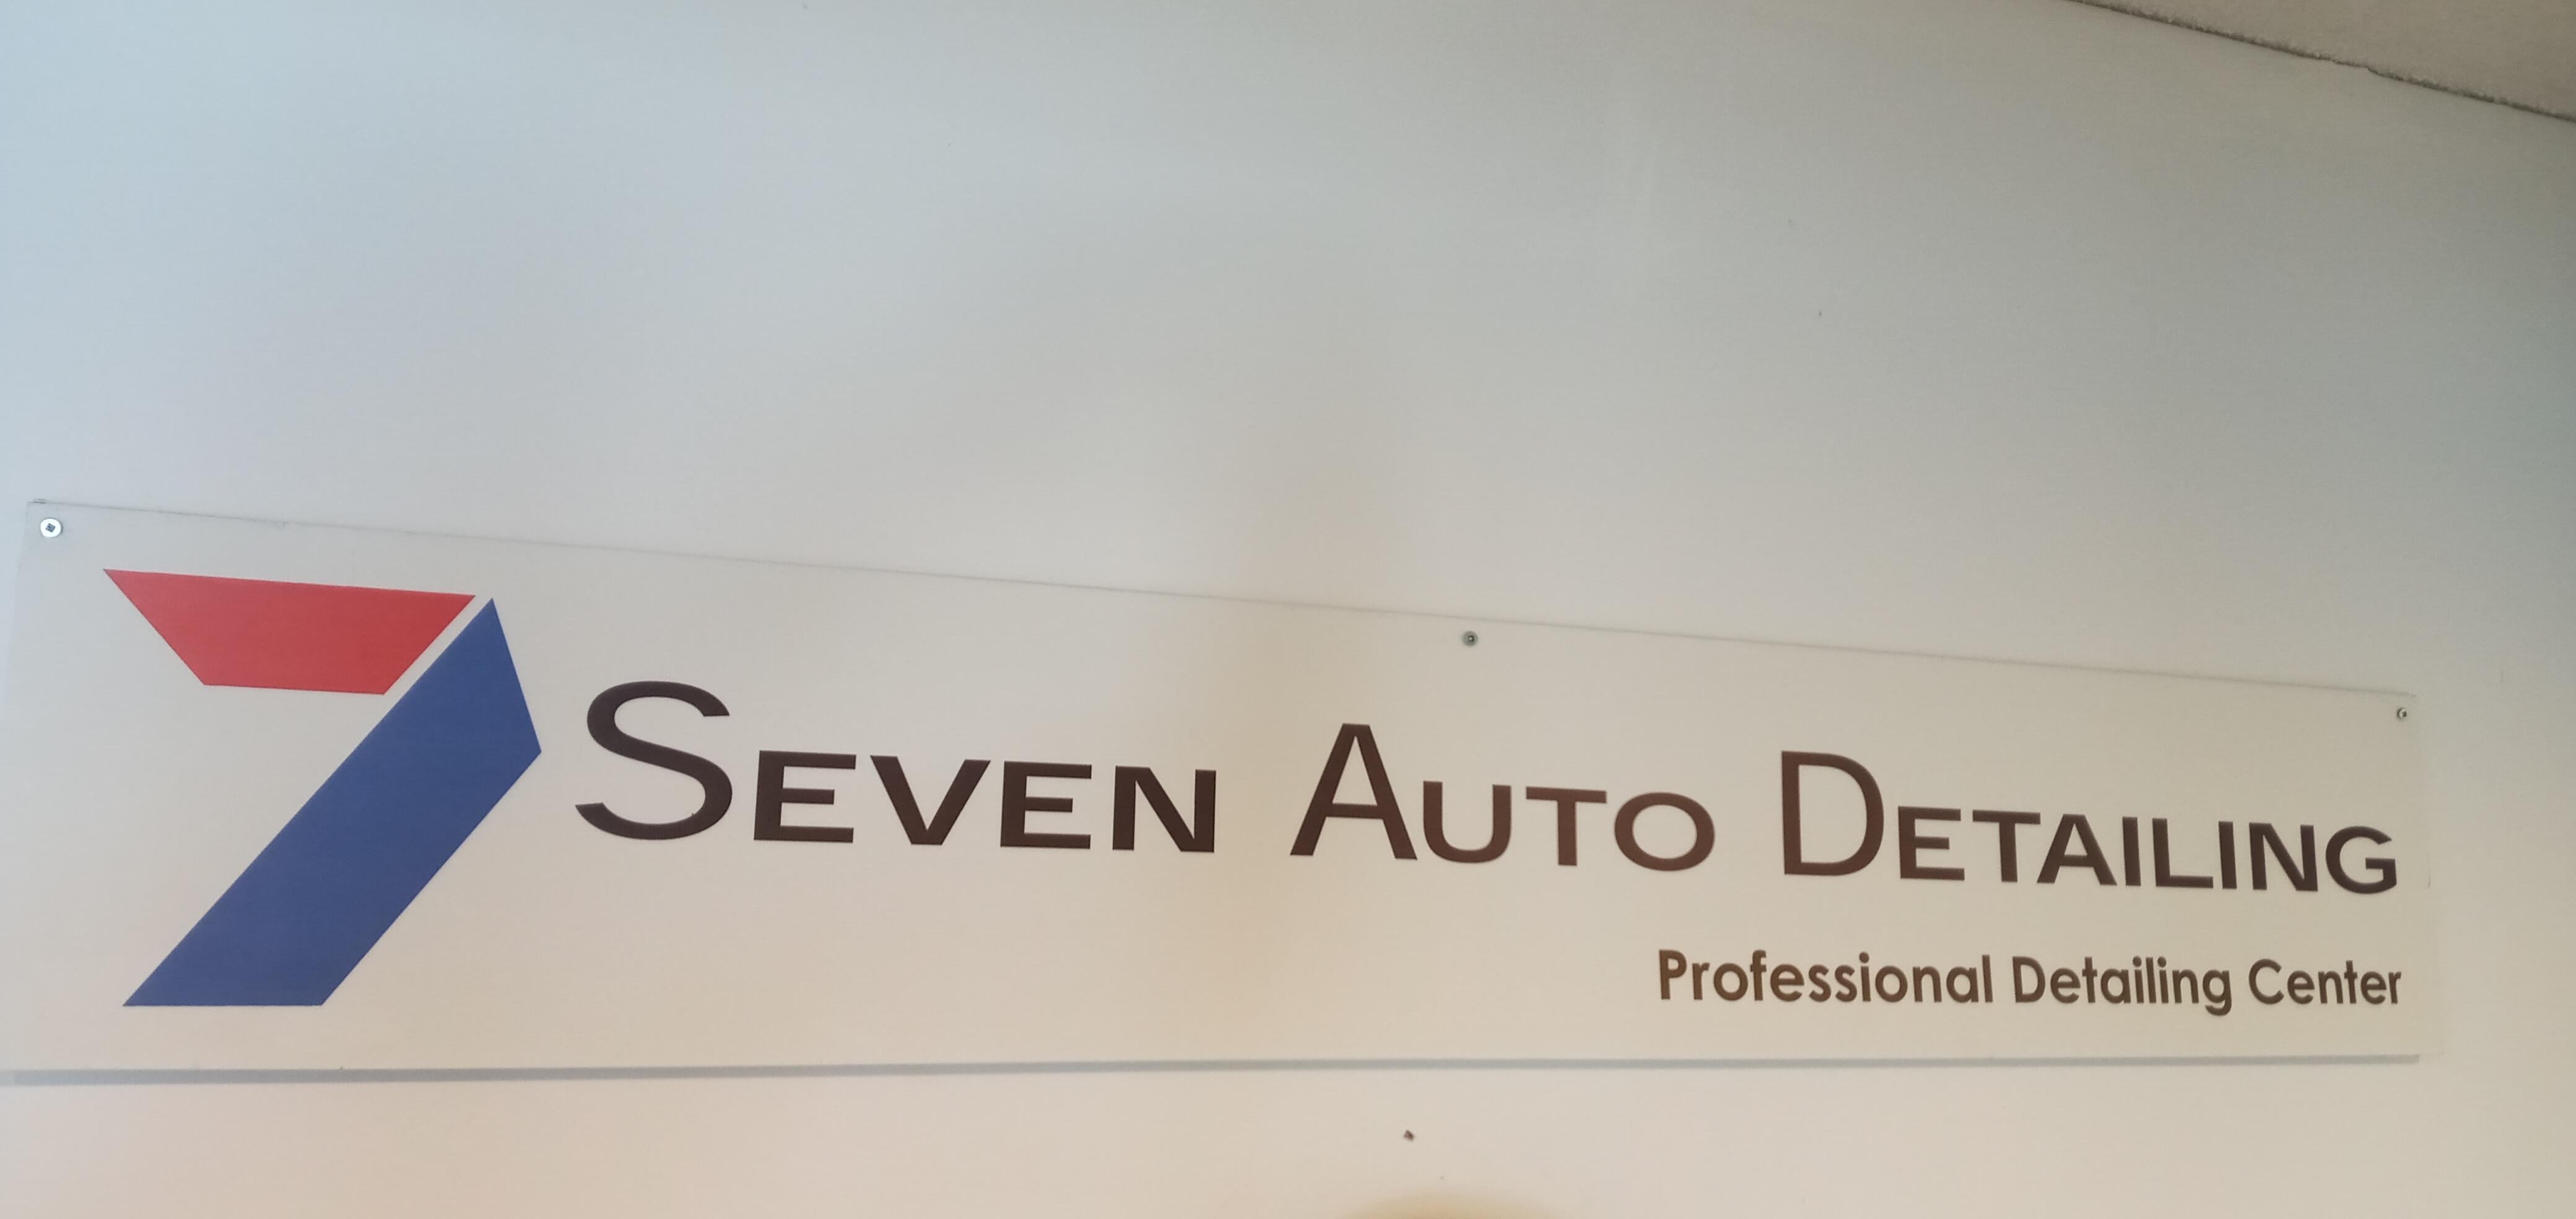 Seven Auto Detailing